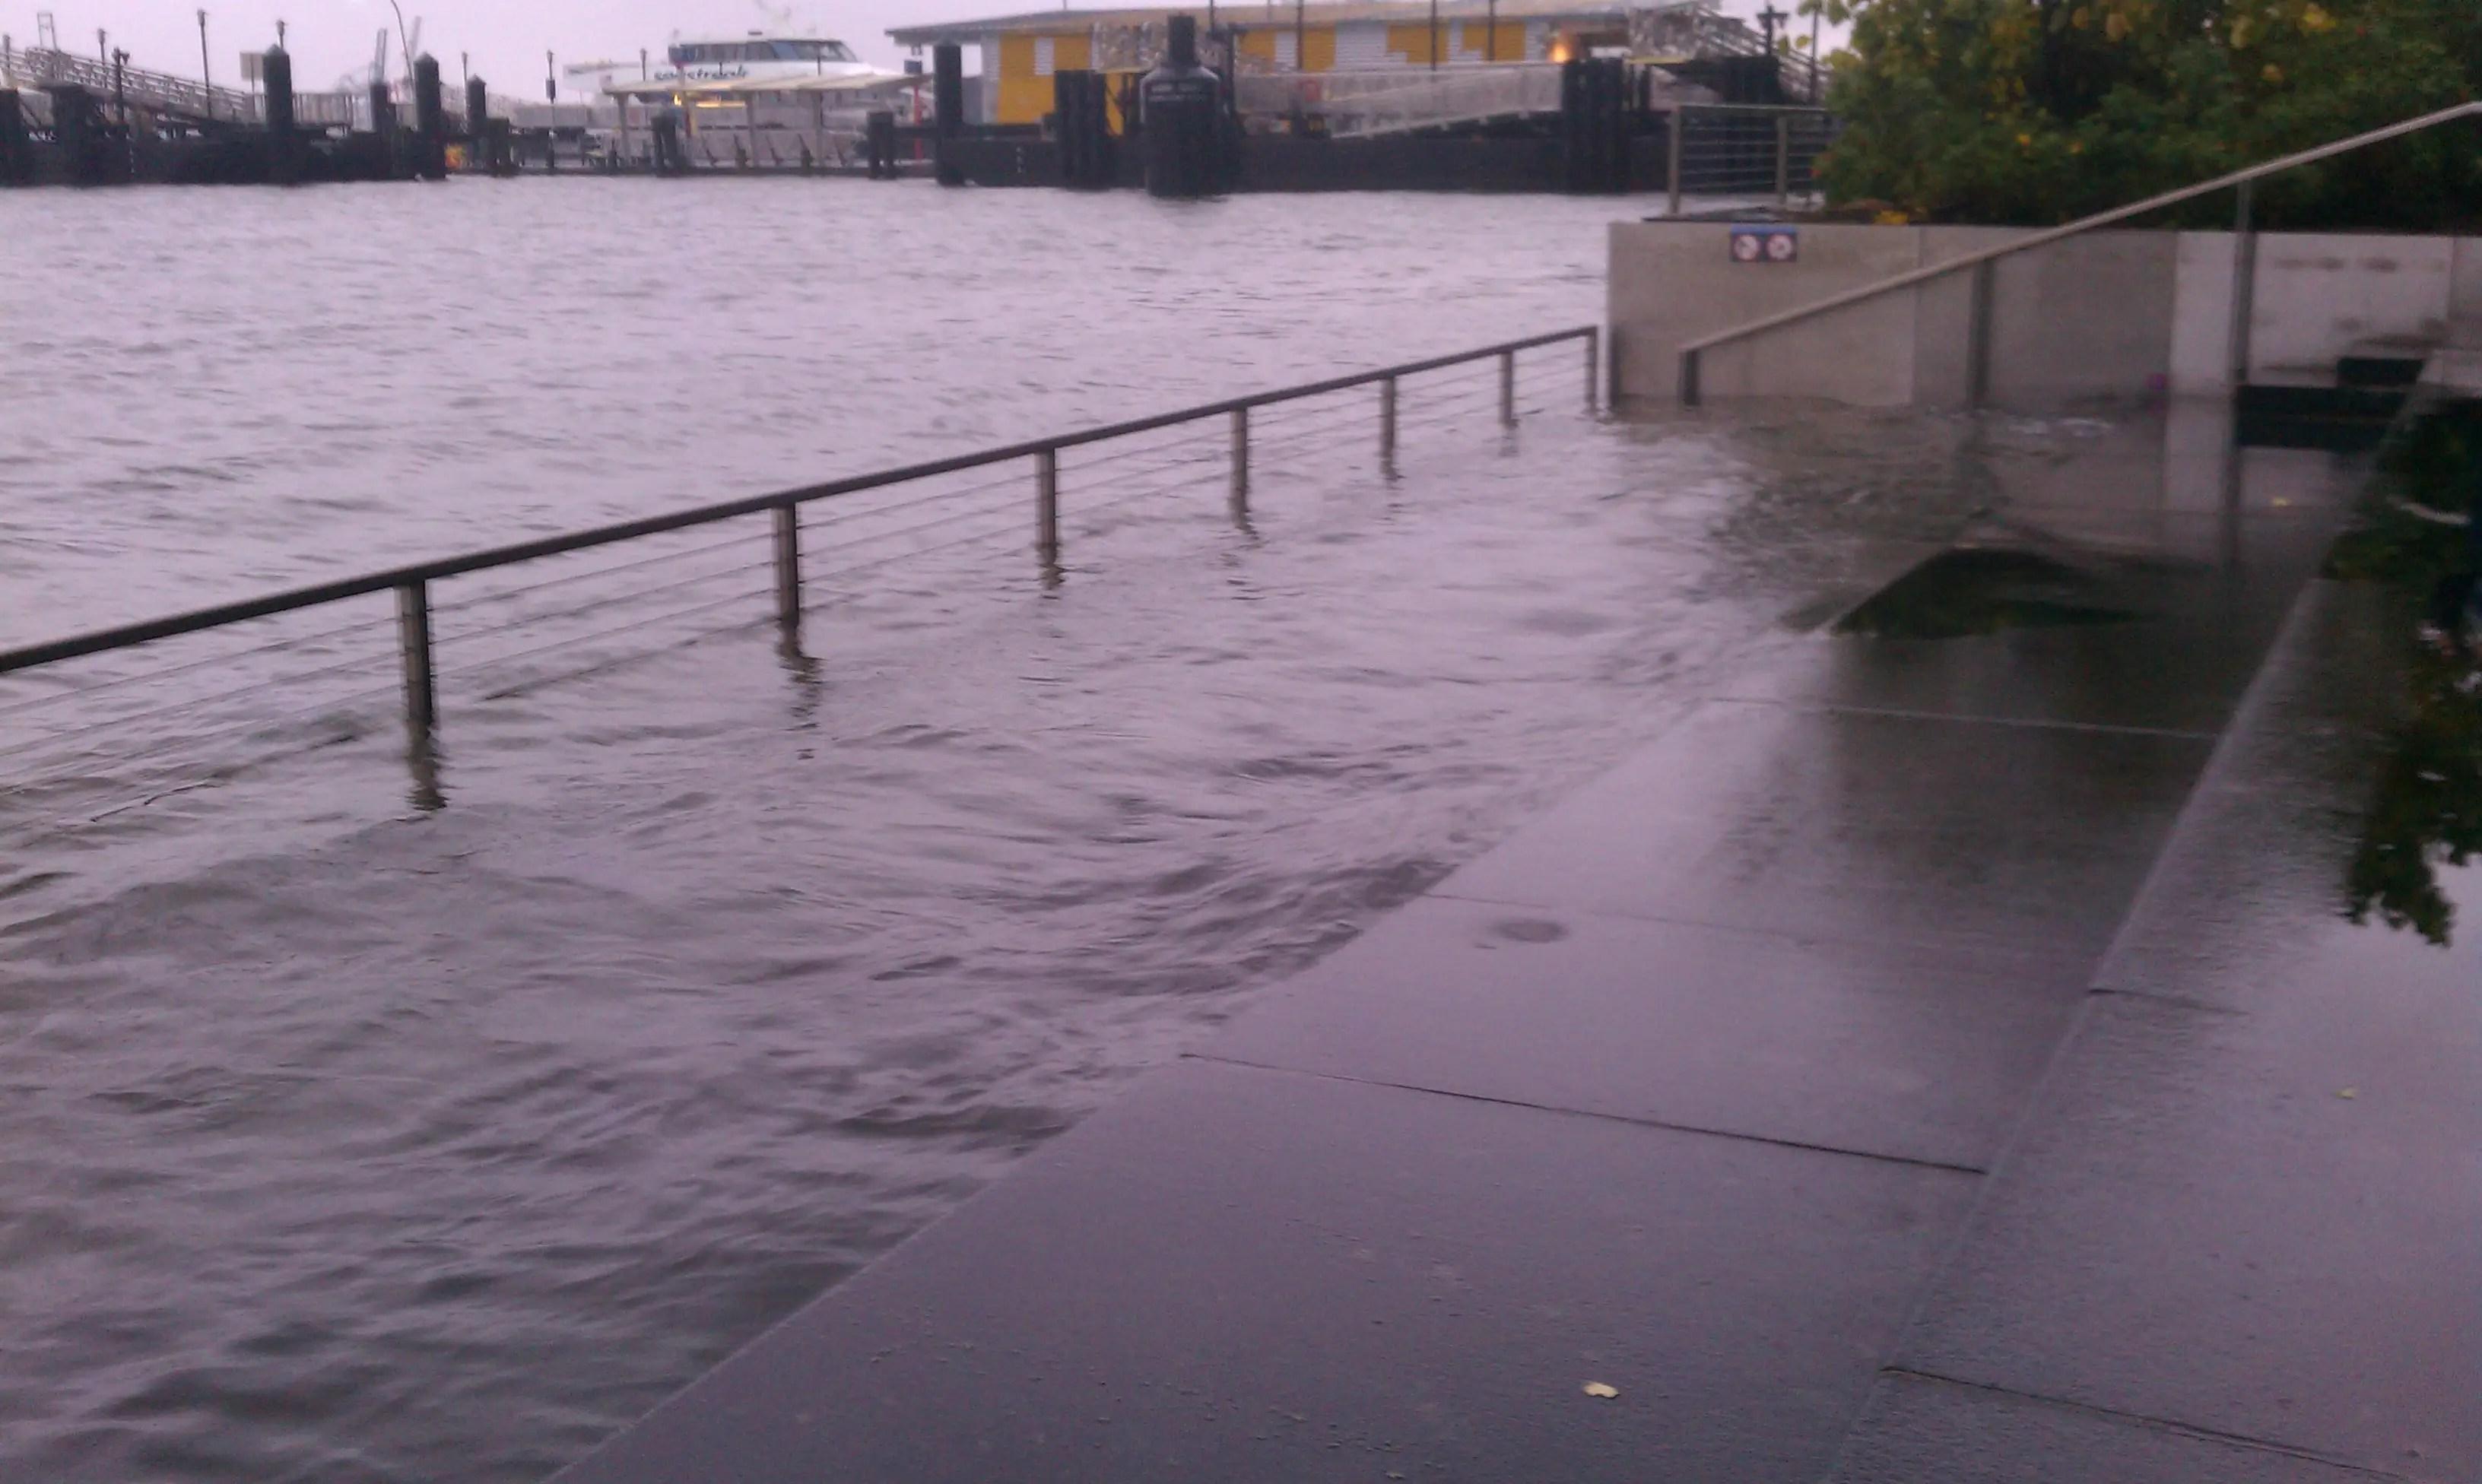 В результате наводнений Ист-Ривер конца стены утра улицы понедельник